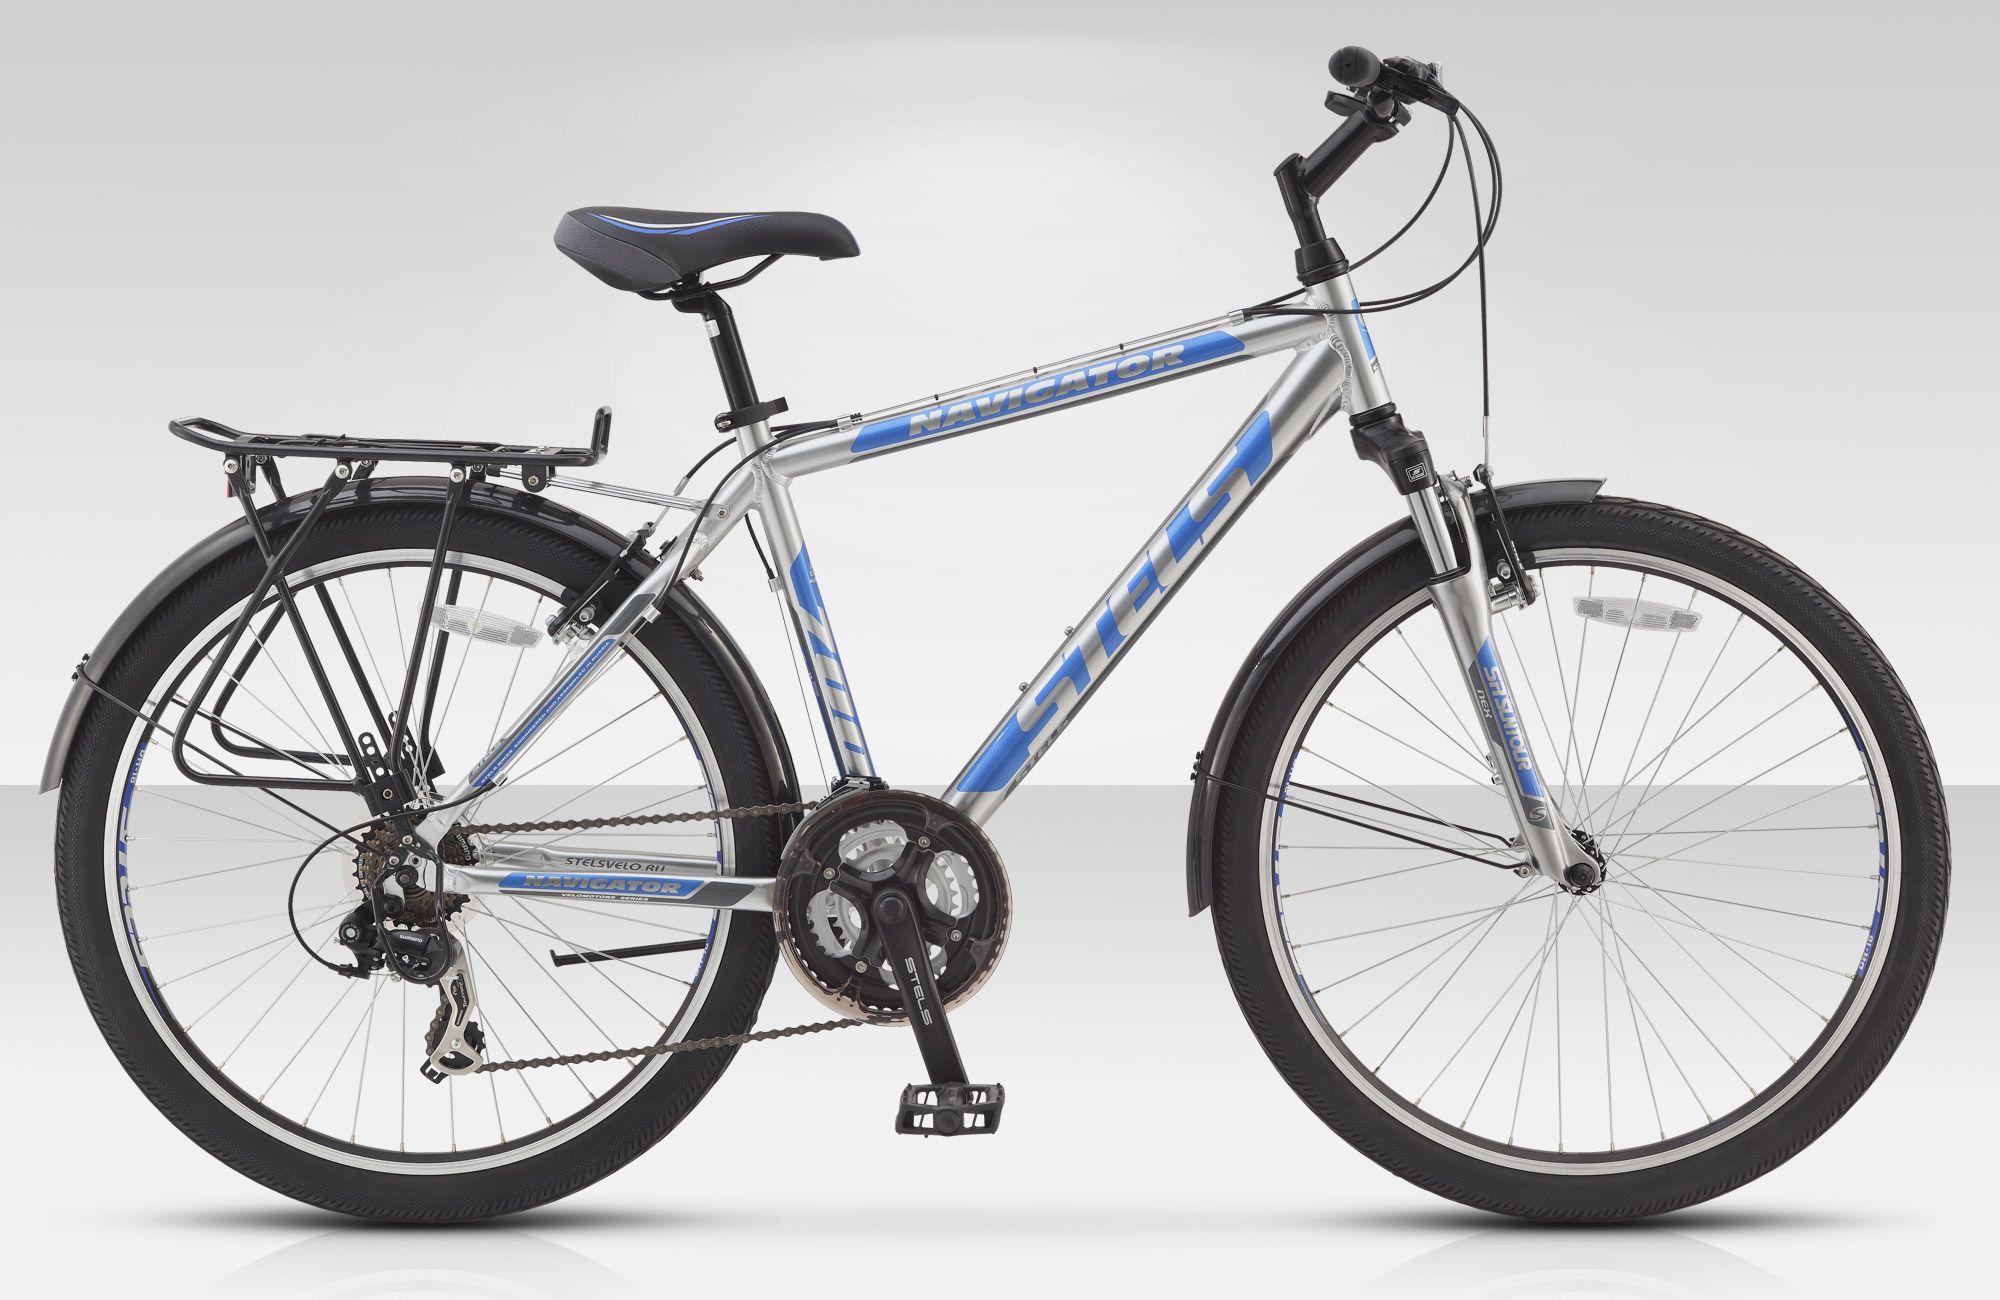 Велосипед StelsГородские<br>Stels Navigator 700 - это универсальный велосипед для практичных людей, которые ценят надежность и комфорт. Модель отлично подойдет для передвижения как по ровным дорогам, так и по проселочным тропам. Рама Stels Navigator 700 изготовлена из алюминиевого сплава, что положительно отразилось на весе и прочности. Амортизационная вилка позволит с комфортом передвигаться по бездорожью. Благодаря багажнику вы сможете транспортировать небольшие грузы. Трансмиссия Shimano Tourney оставит о себе только положительные эмоции.<br><br>year: 2016<br>пол: мужской<br>уровень оборудования: любительский<br>длина хода вилки: до 100 мм<br>блокировка амортизатора: нет<br>планетарная втулка: нет<br>рулевая колонка: Feimin, сталь<br>передний тормоз: Power, V-типа<br>задний тормоз: Power, V-типа<br>система: Prowheel, сталь, 28/38/48 зубьев<br>каретка: Feimin, картридж<br>педали: Feimin, пластик<br>ободья: Алюминиевые, двойные<br>передняя втулка: JoyTech, алюминий<br>задняя втулка: JoyTech, алюминий<br>передняя покрышка: Chao Yang, 26 x 1.95<br>задняя покрышка: Chao Yang, 26 x 1.95<br>седло: Cionlli<br>кассета: Shimani Tourney, MF-TZ21<br>манетки: Shimano Altus, ST-EF51<br>багажник: Есть<br>крылья: Сталь<br>подножка: Есть<br>рама: Алюминий<br>вилка: SR Suntour Nex, ход 50 мм<br>цвет: синий<br>размер рамы: 18&amp;amp;quot;<br>материал рамы: алюминий<br>тип тормозов: ободной<br>диаметр колеса: 26<br>тип амортизированной вилки: пружинная<br>передний переключатель: Shimano Tourney, FD-TX51<br>задний переключатель: Shimano Tourney, RD-TX35<br>количество скоростей: 21